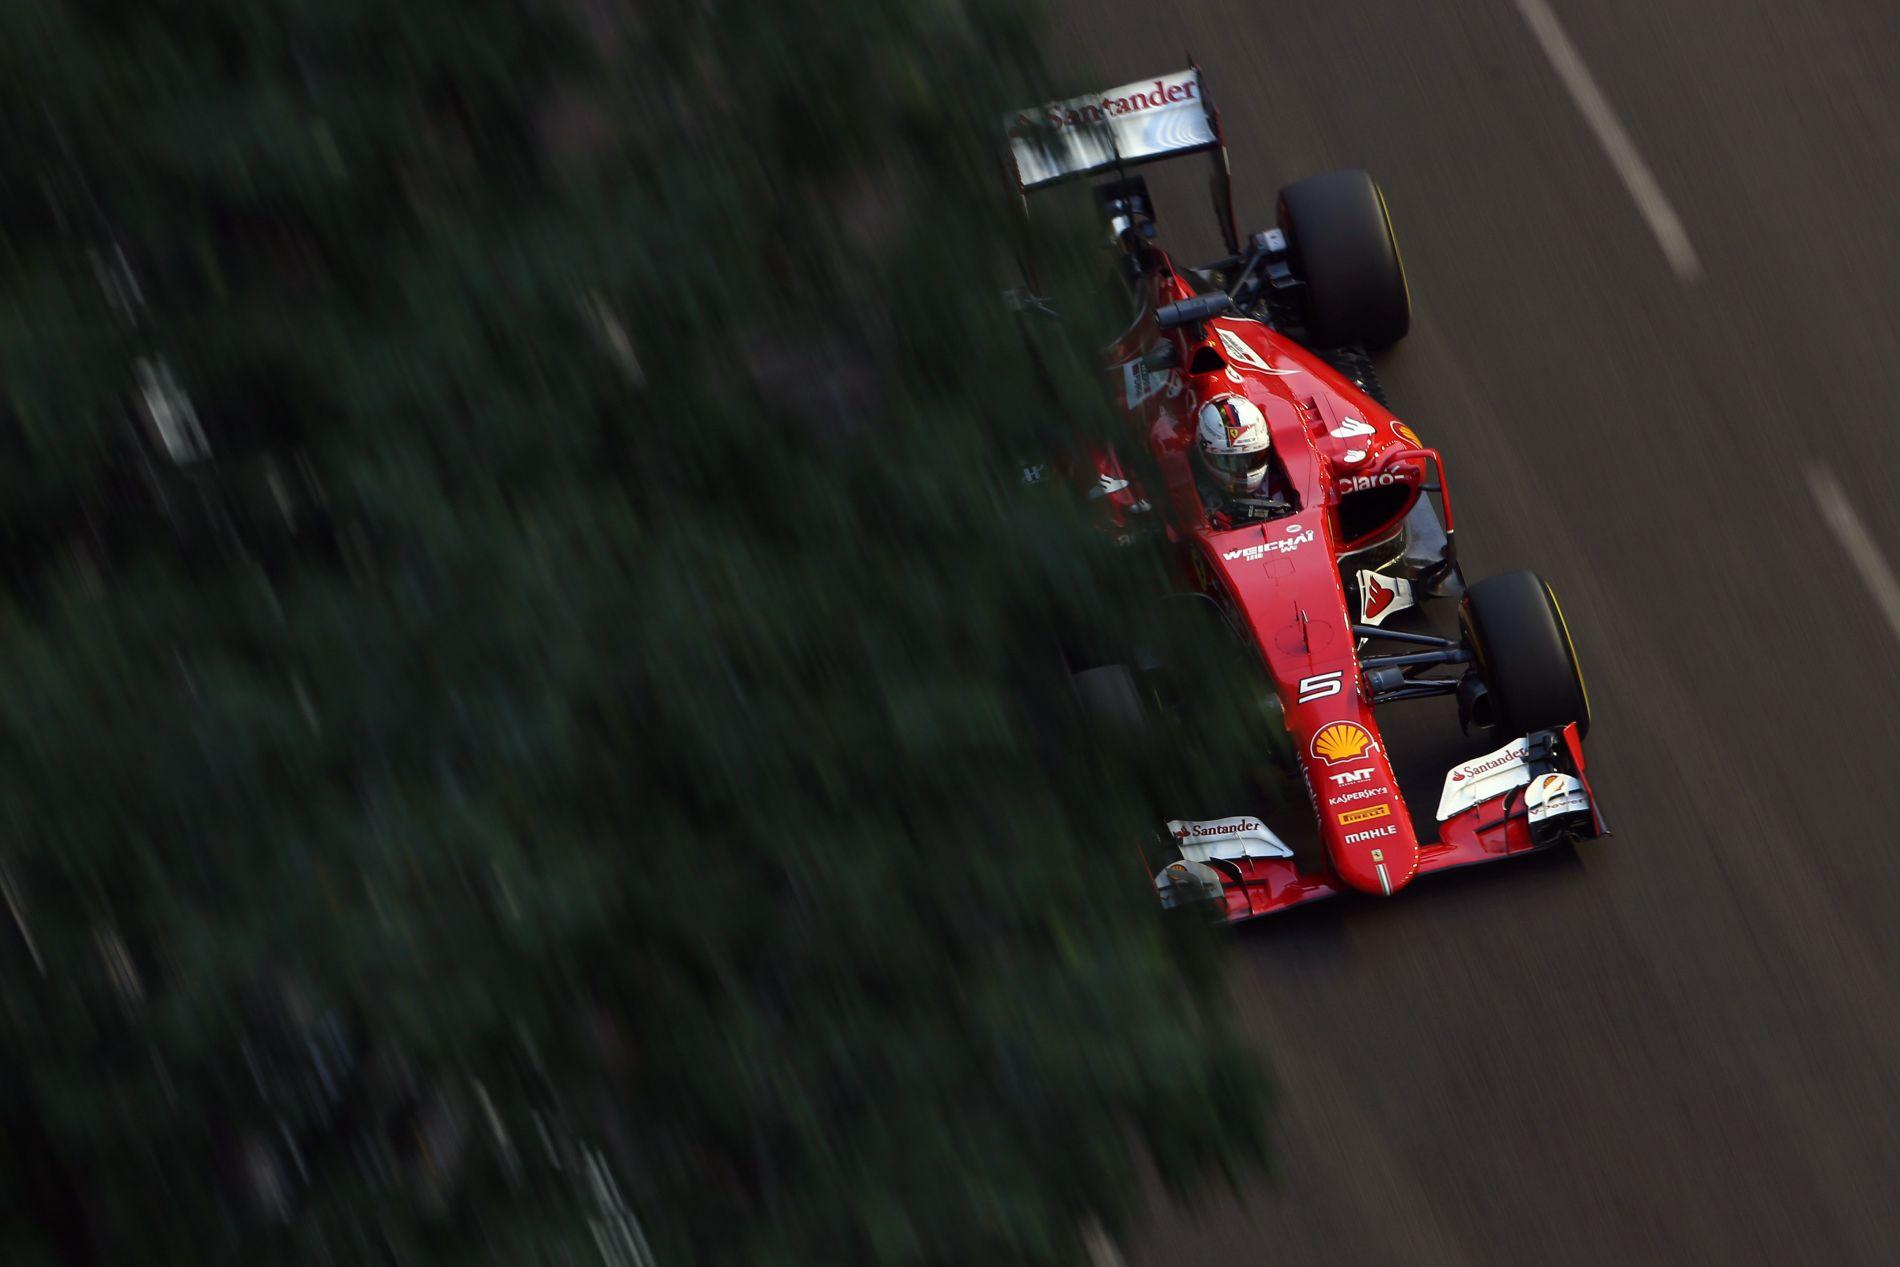 Stop-and-go: Hatalmas kamu és színjáték a Mercedes visszaesése, vagy jön a Vettel-Ferrari-tánc és bajnoki cím?